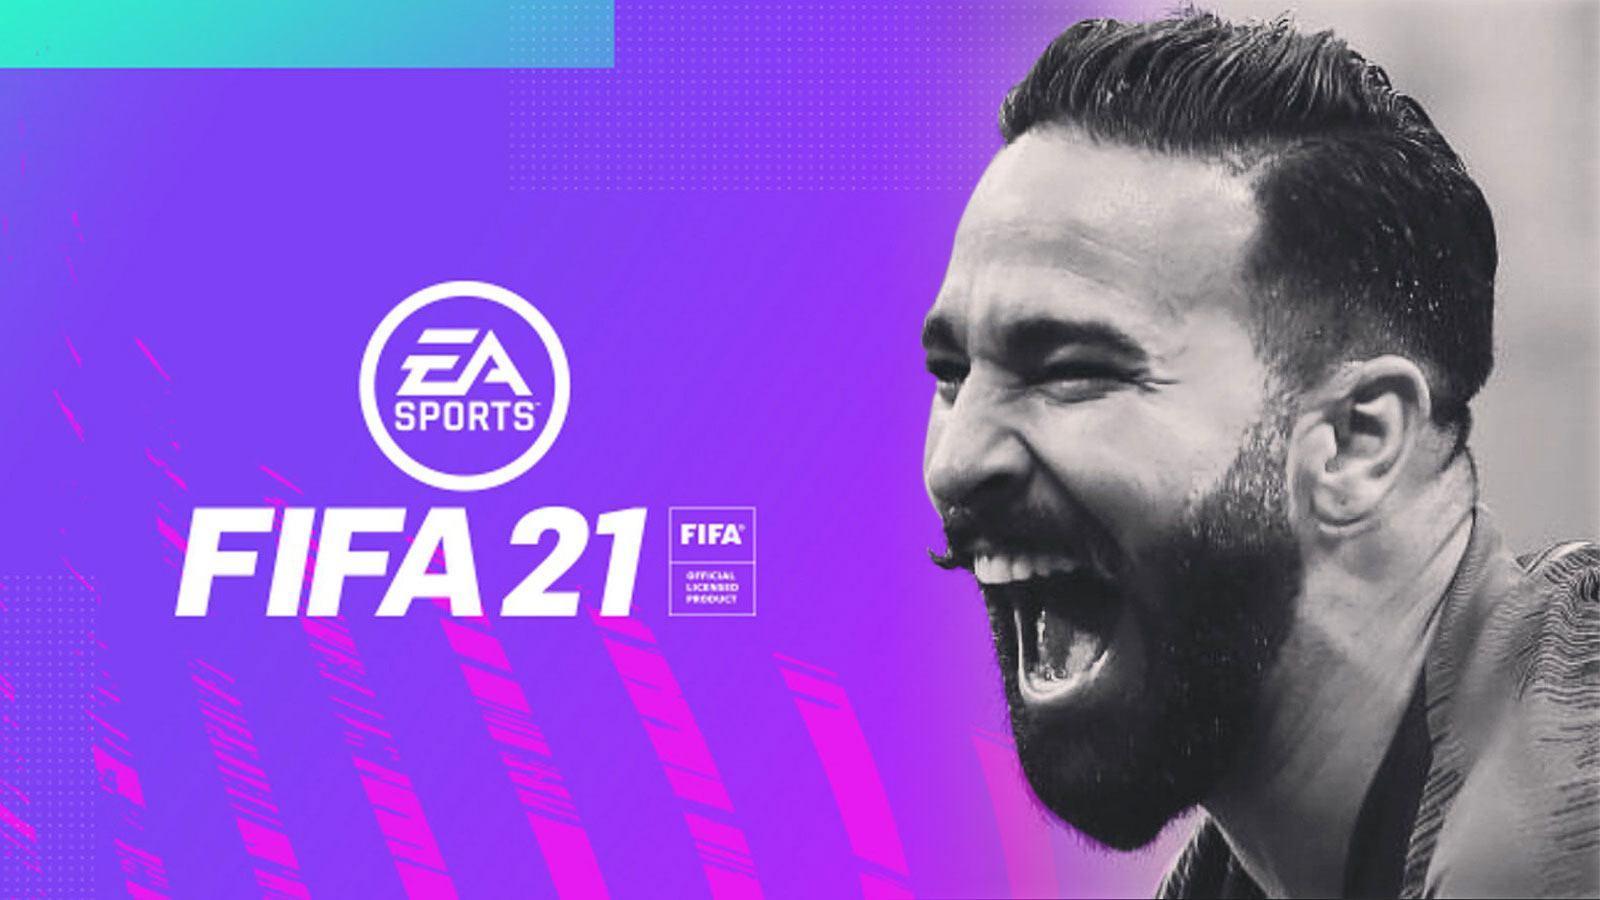 Adil Rami critique le rééquilibrage sur FIFA 21